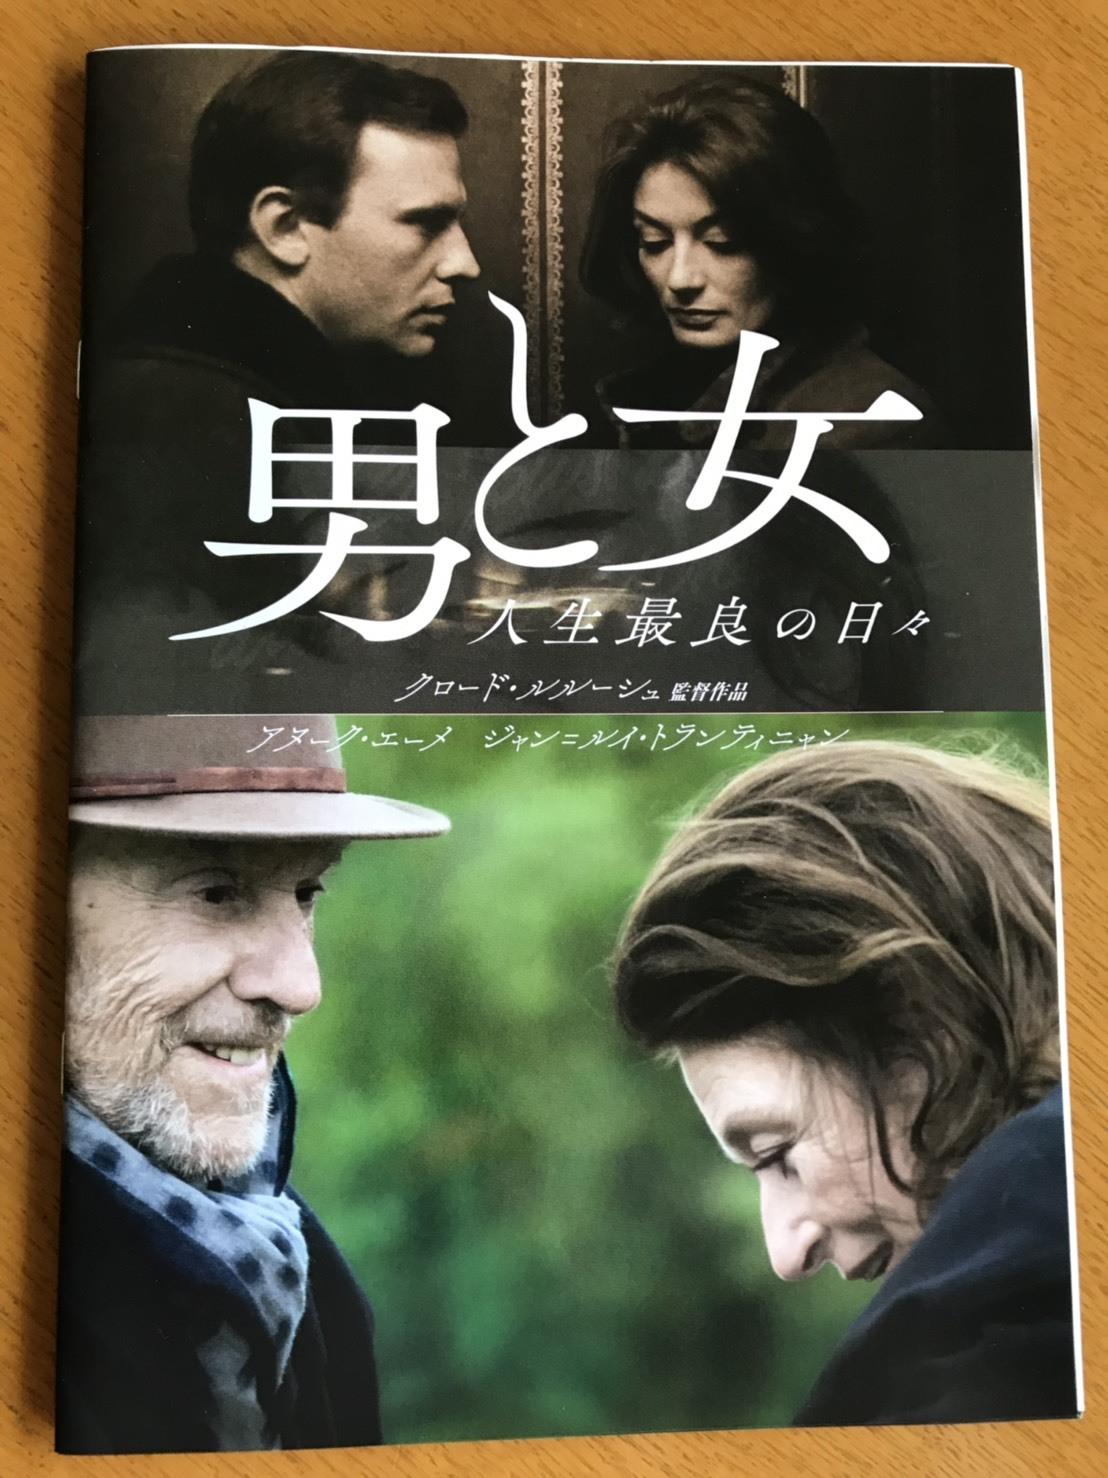 『男と女』映画って素晴らしい♪_d0339889_18355022.jpg